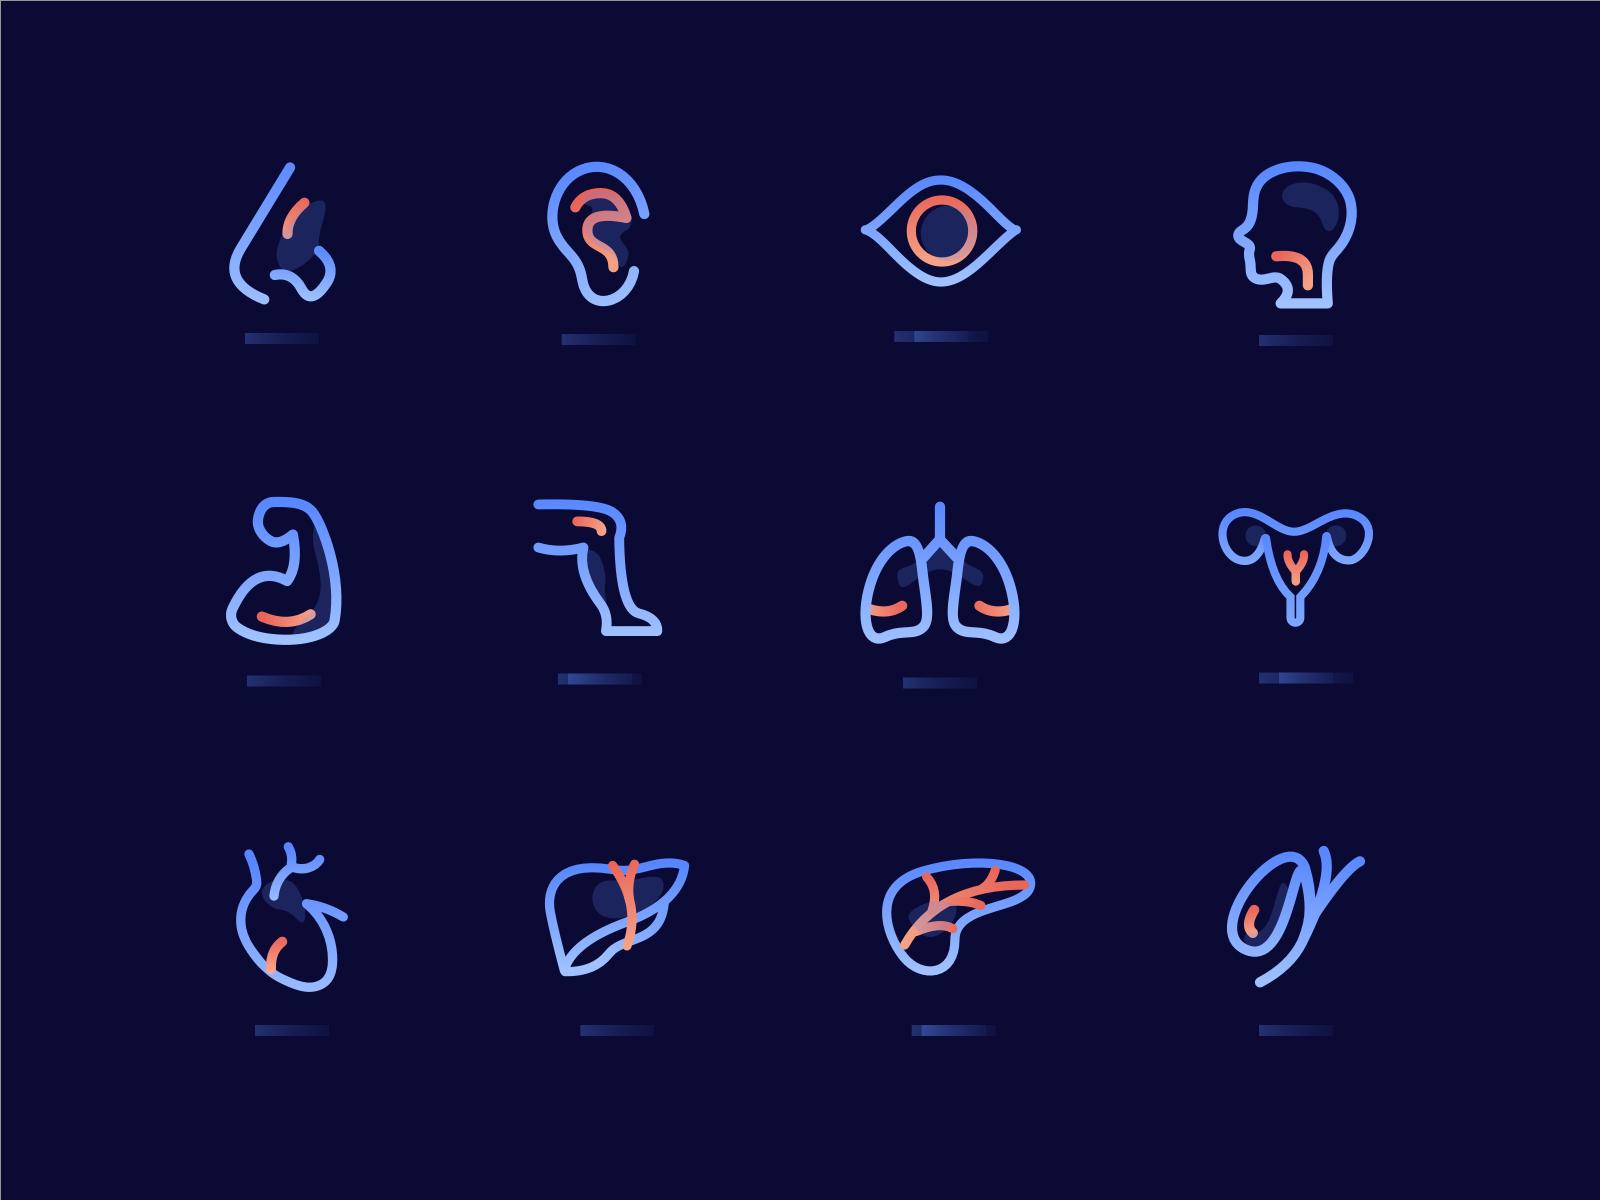 人体器官图标 ico 图标 设计 应用 ui